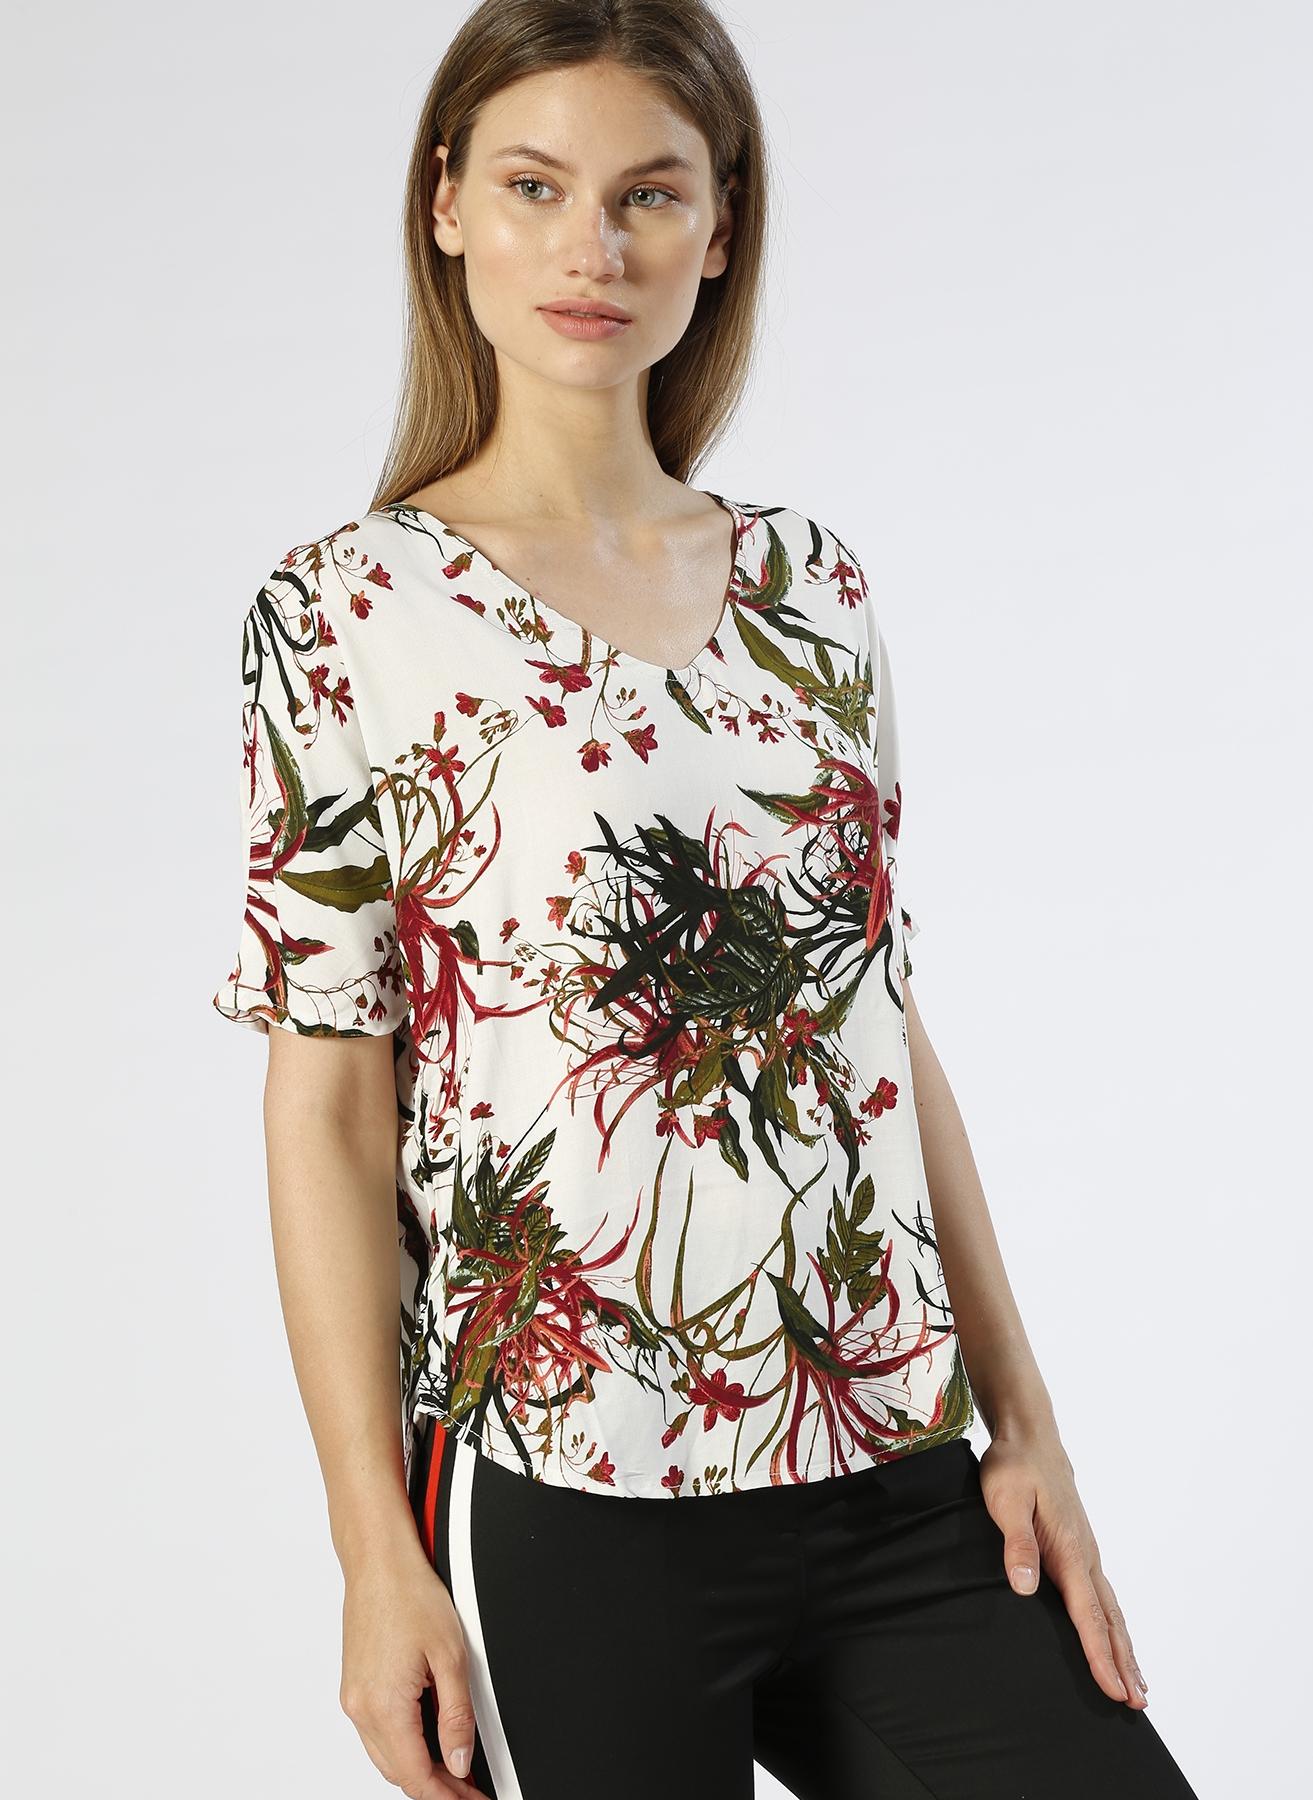 Vero Moda Çiçek Desenli Ekru T-Shırt S 5000196074003 Ürün Resmi